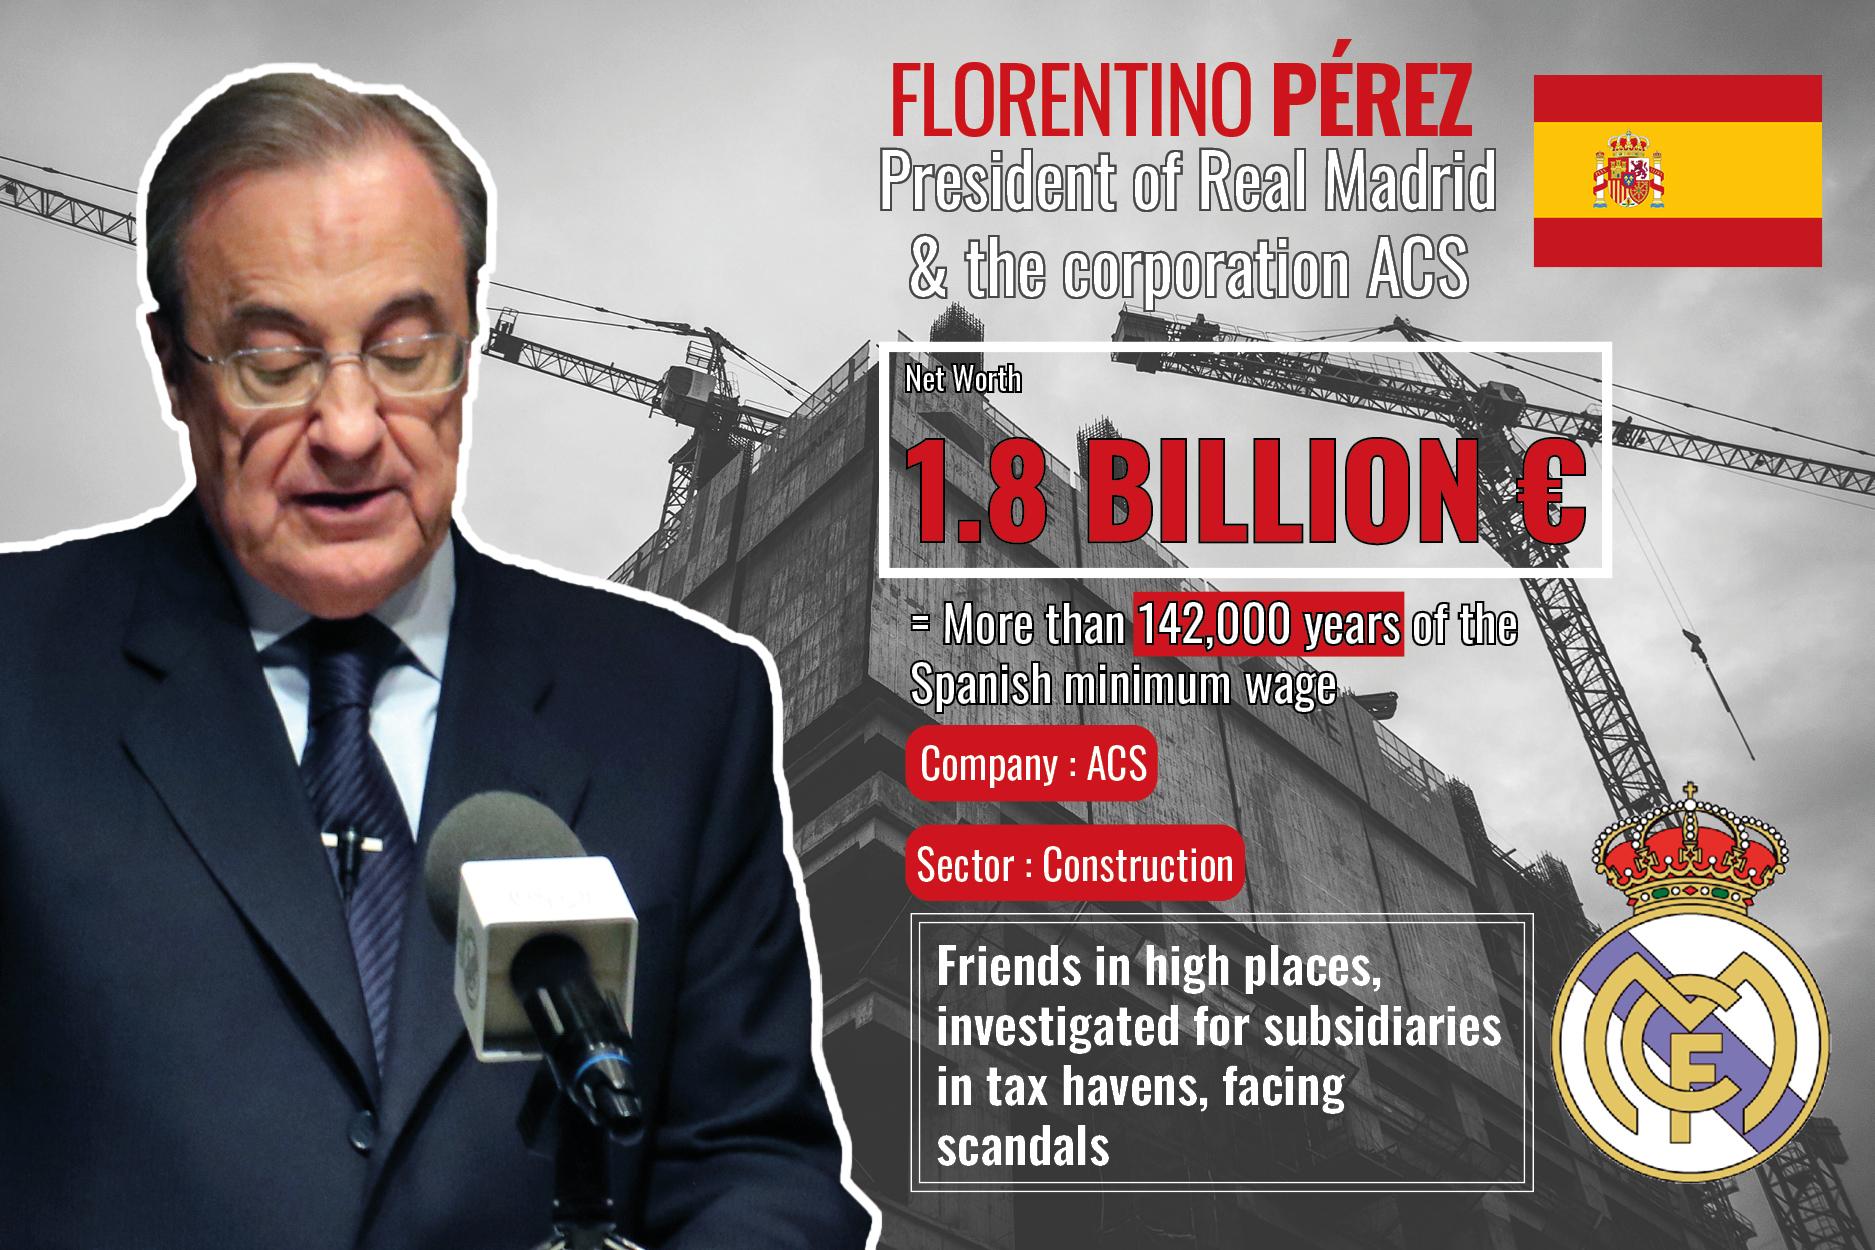 Tổng giá trị tài sản của Perez là khoảng 1,8 tỉ euro, gấp hơn 142.000 lần thu nhập bình quân một năm của người Tây Ban Nha